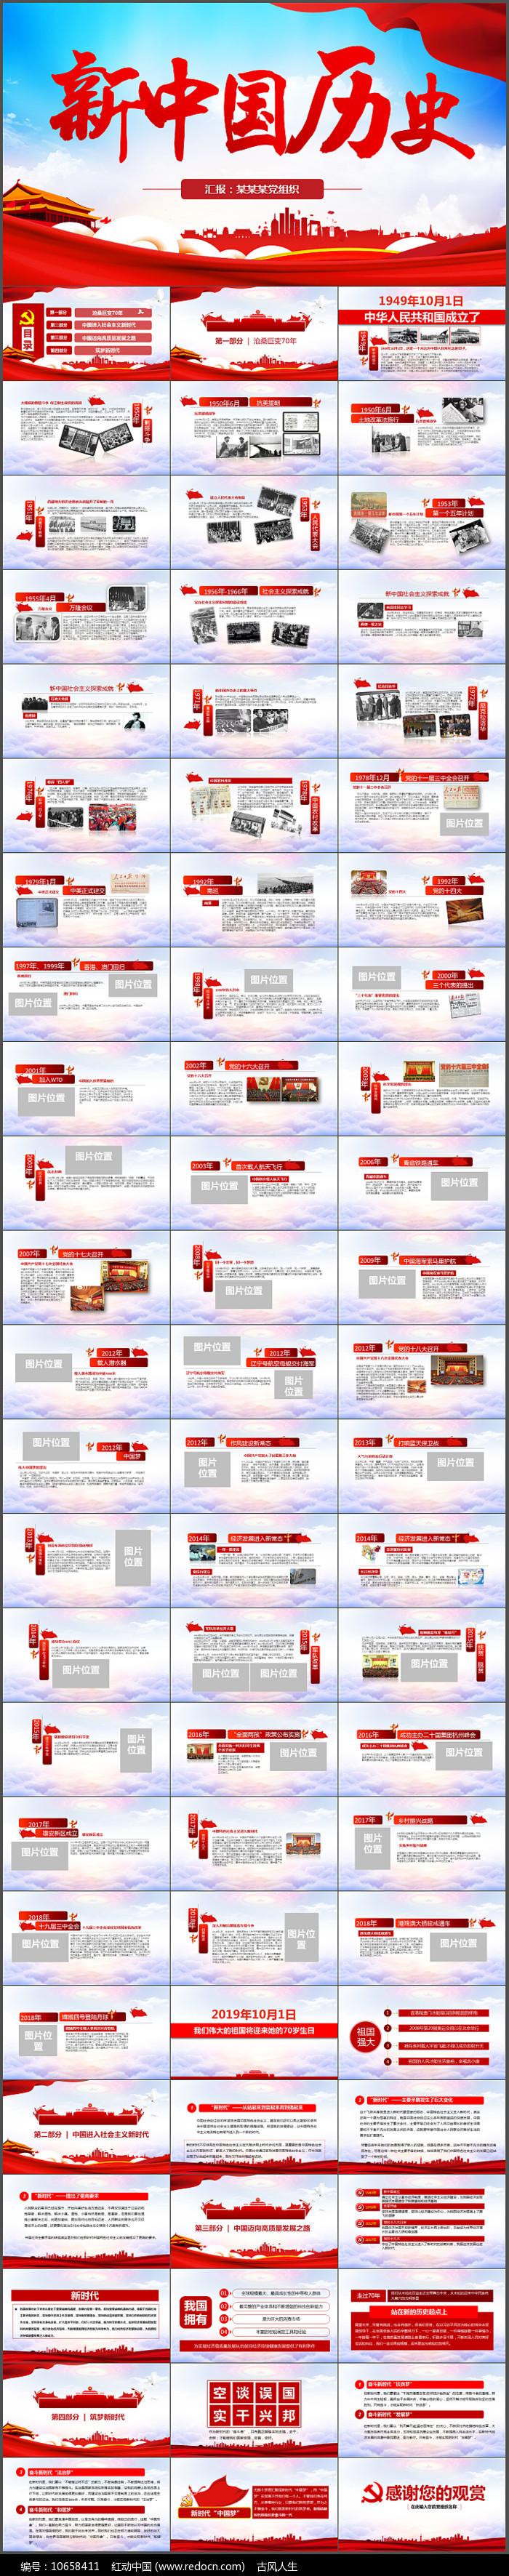 学习新中国史PPT模板图片